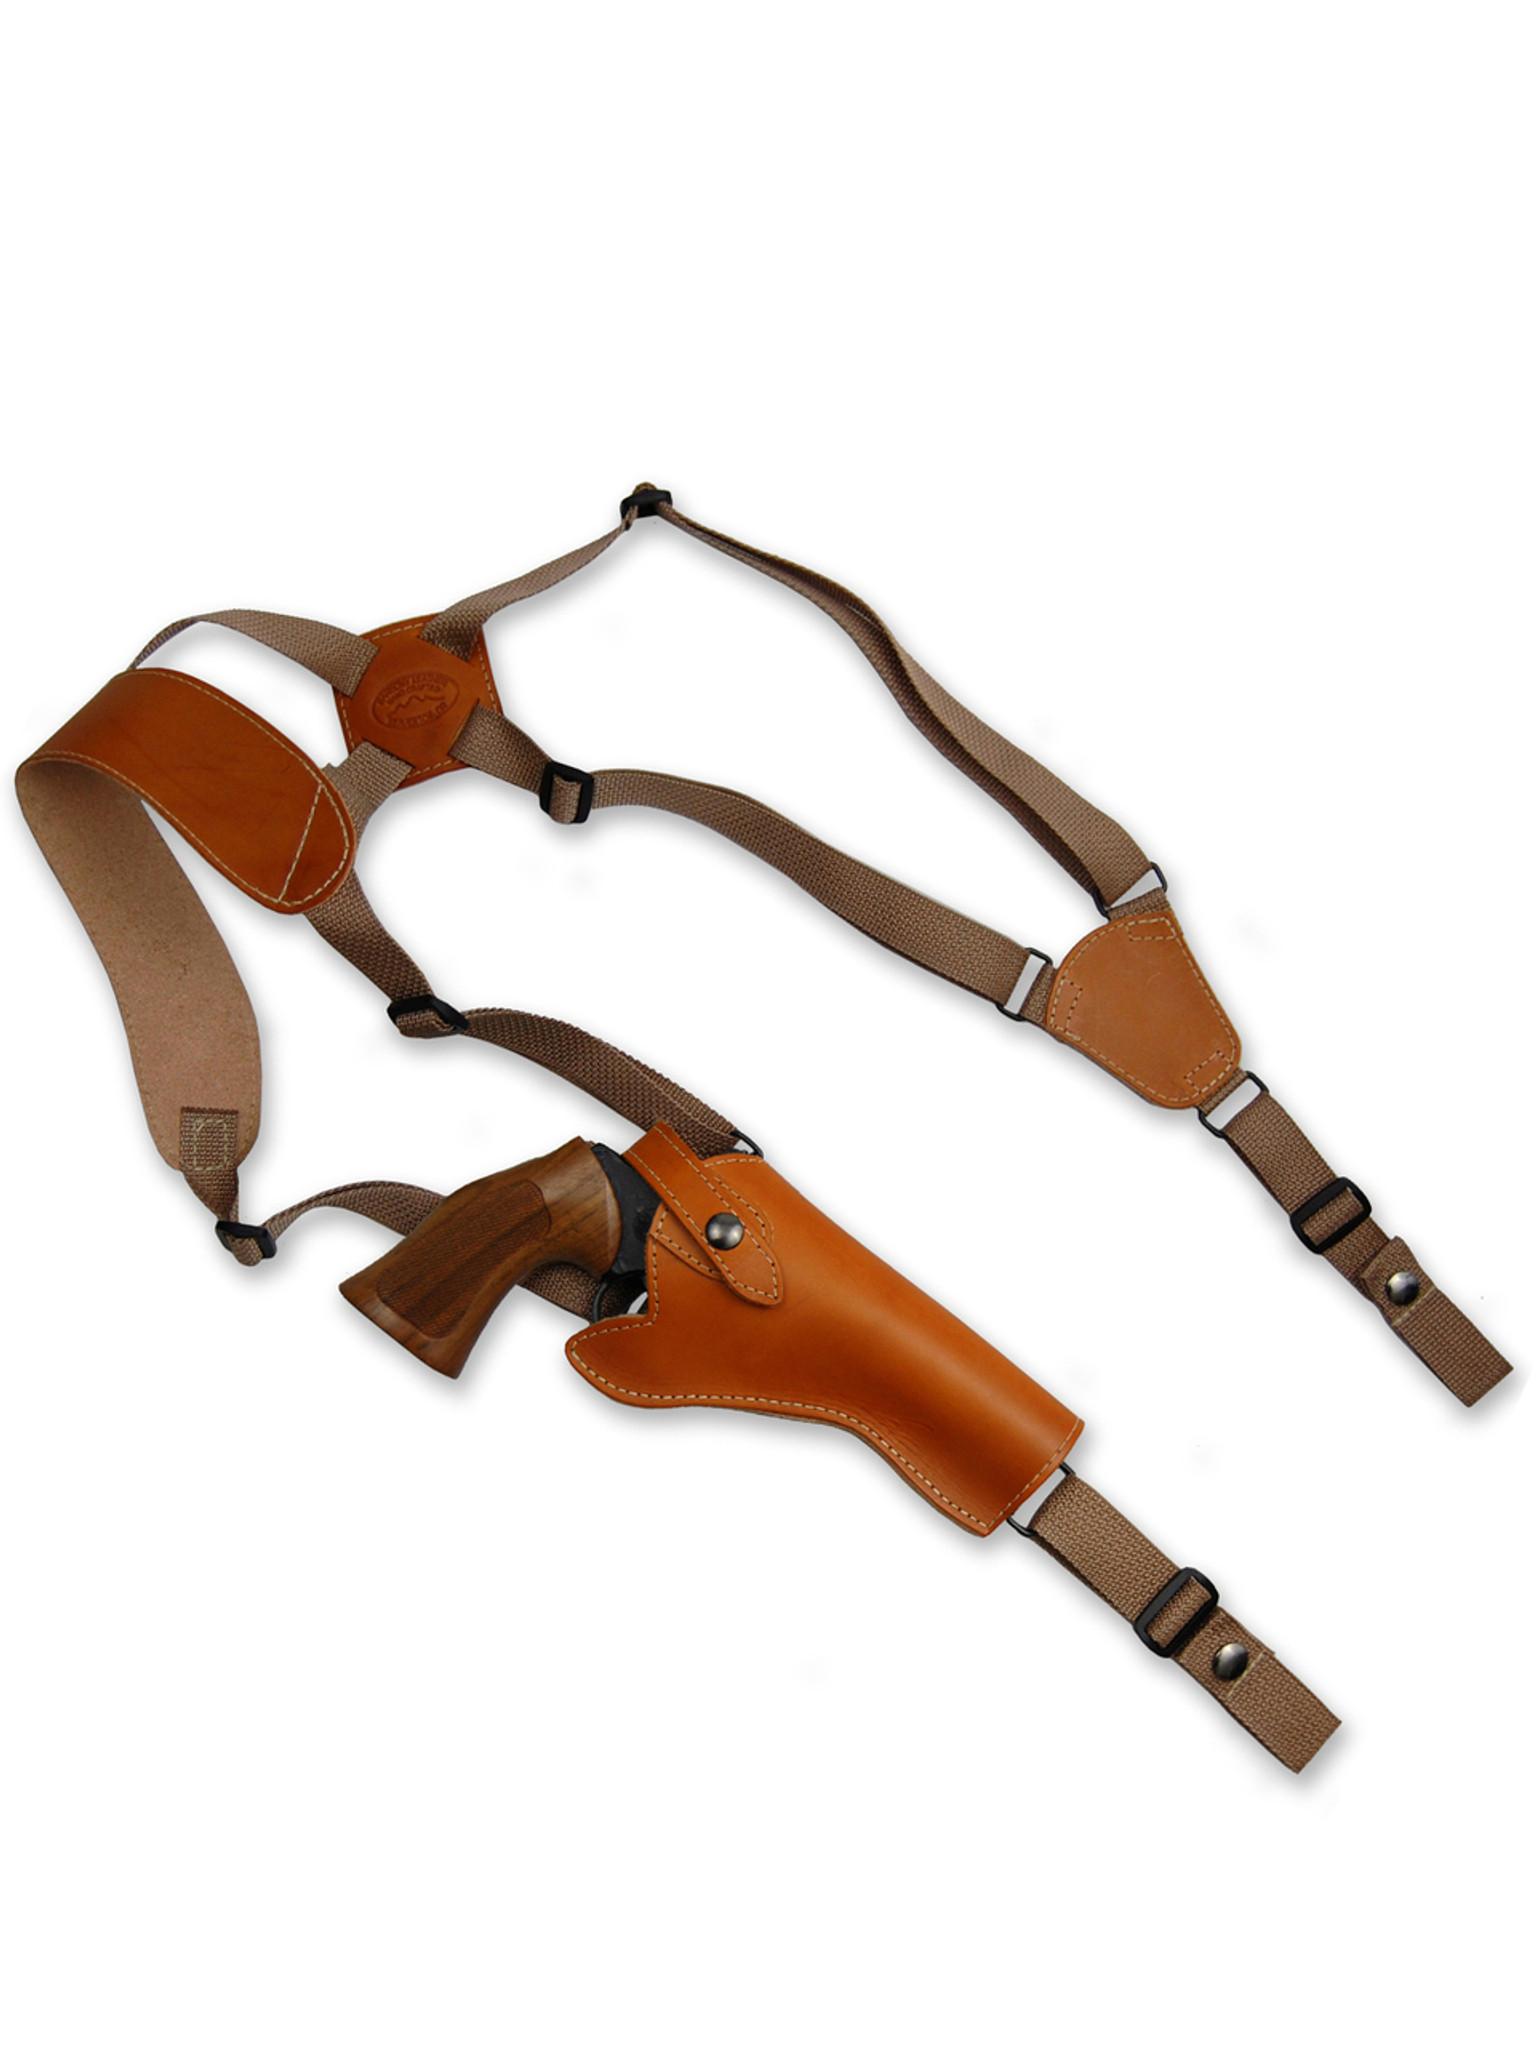 Ruger single ten shoulder holster